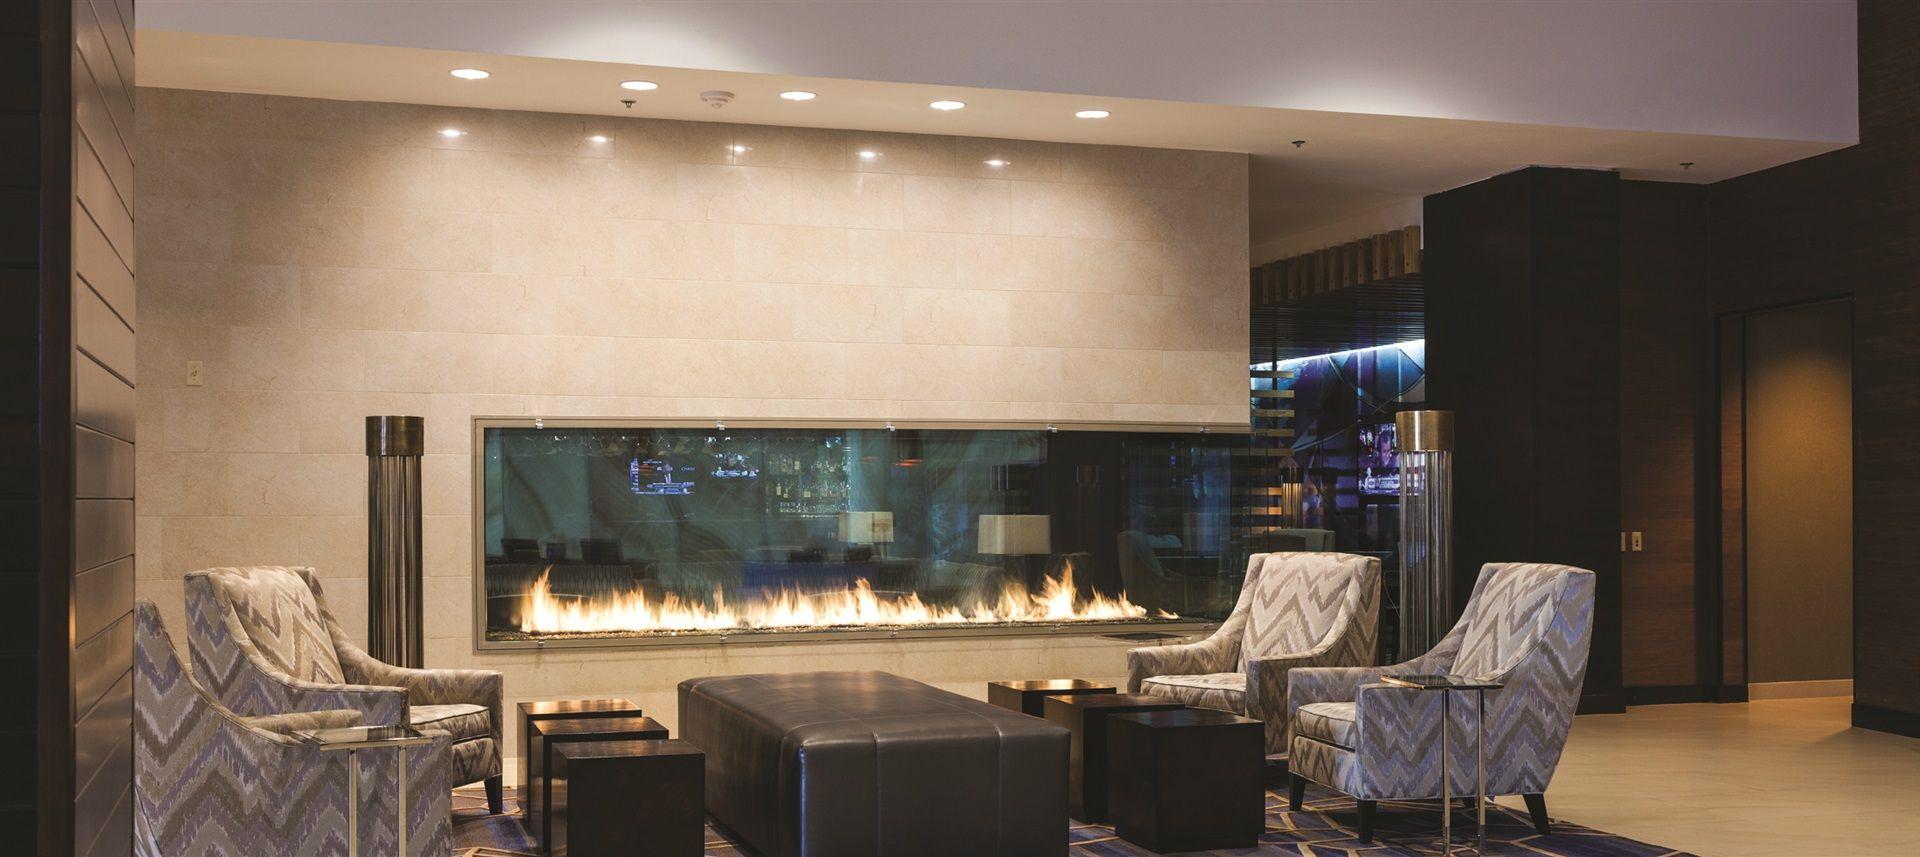 Marriott Fireplace